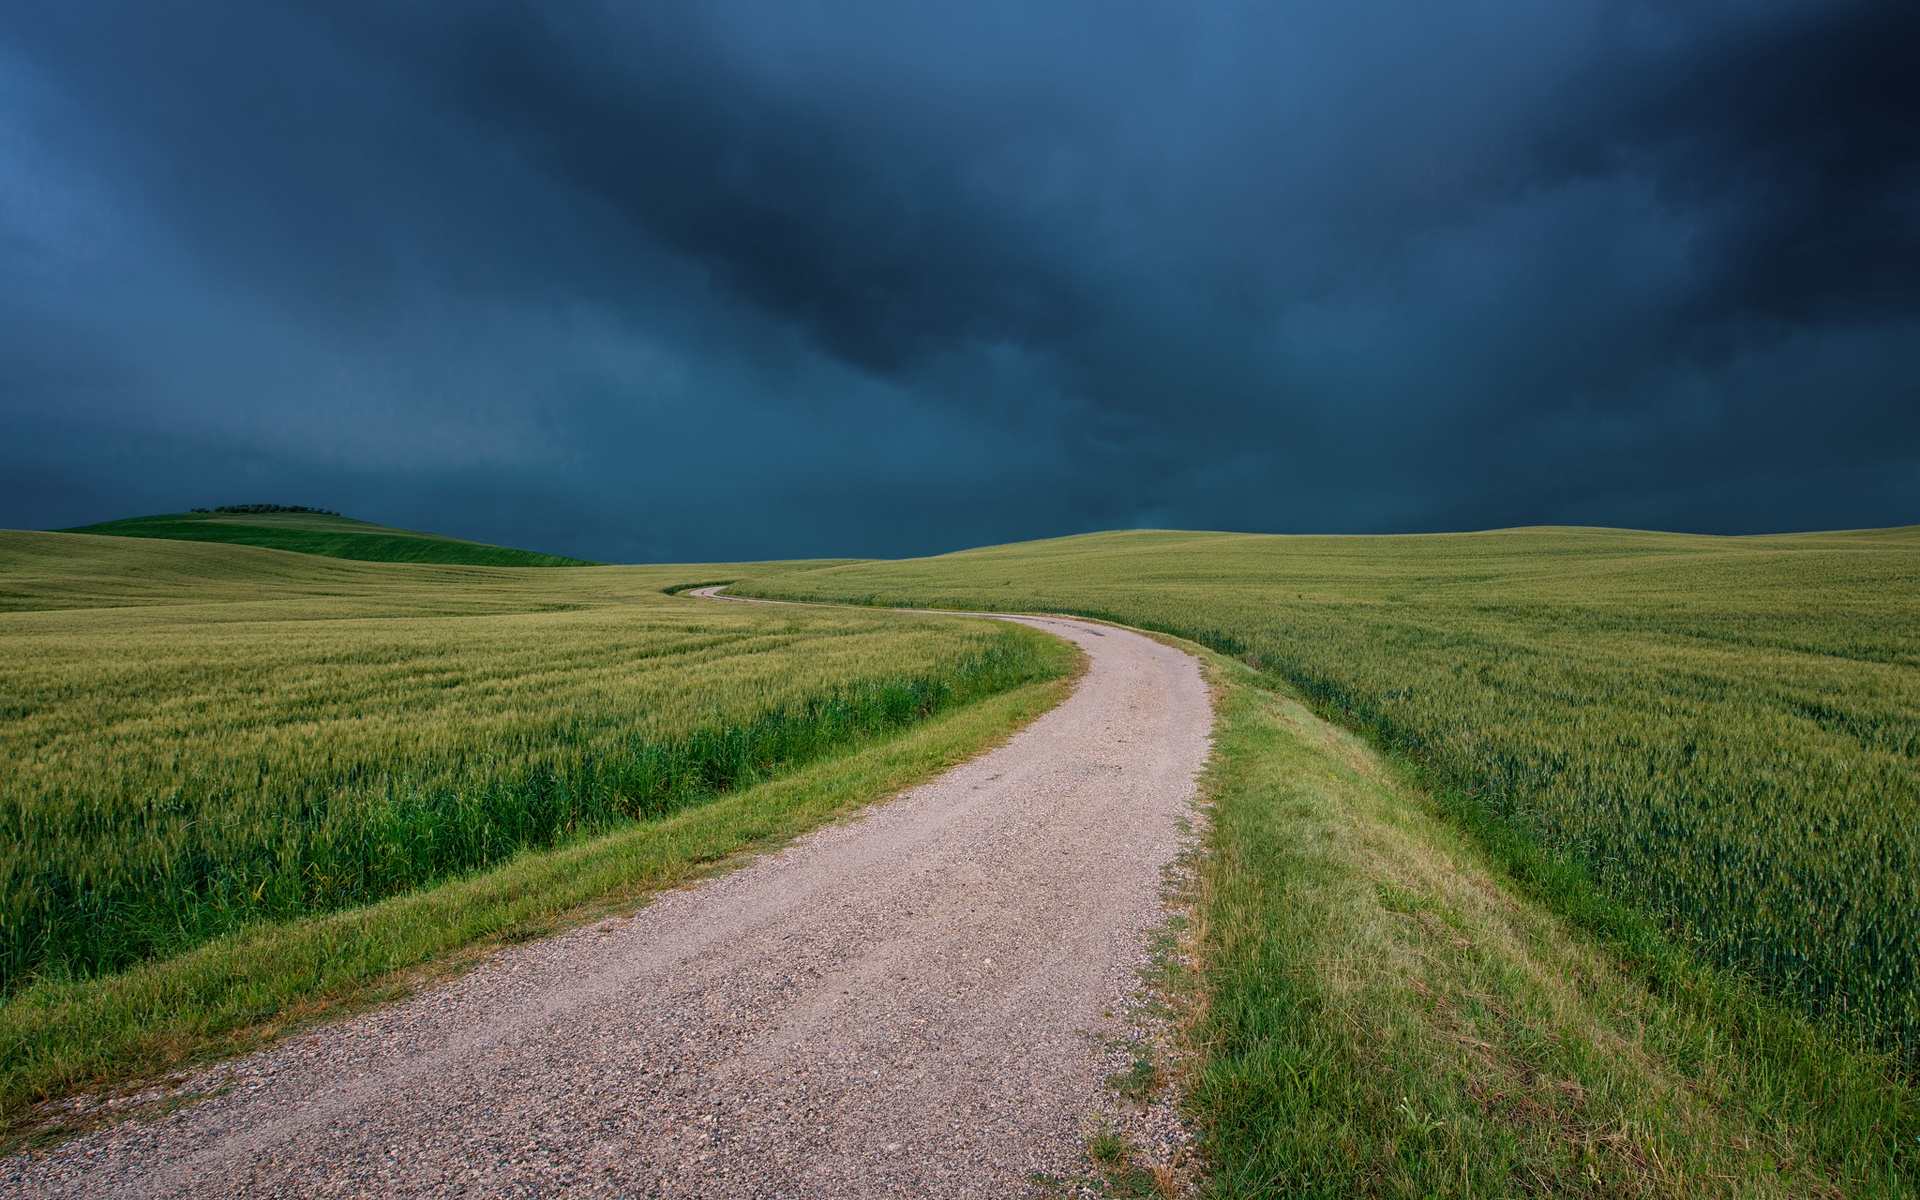 Дорога через зеленое поле  № 2604522 загрузить